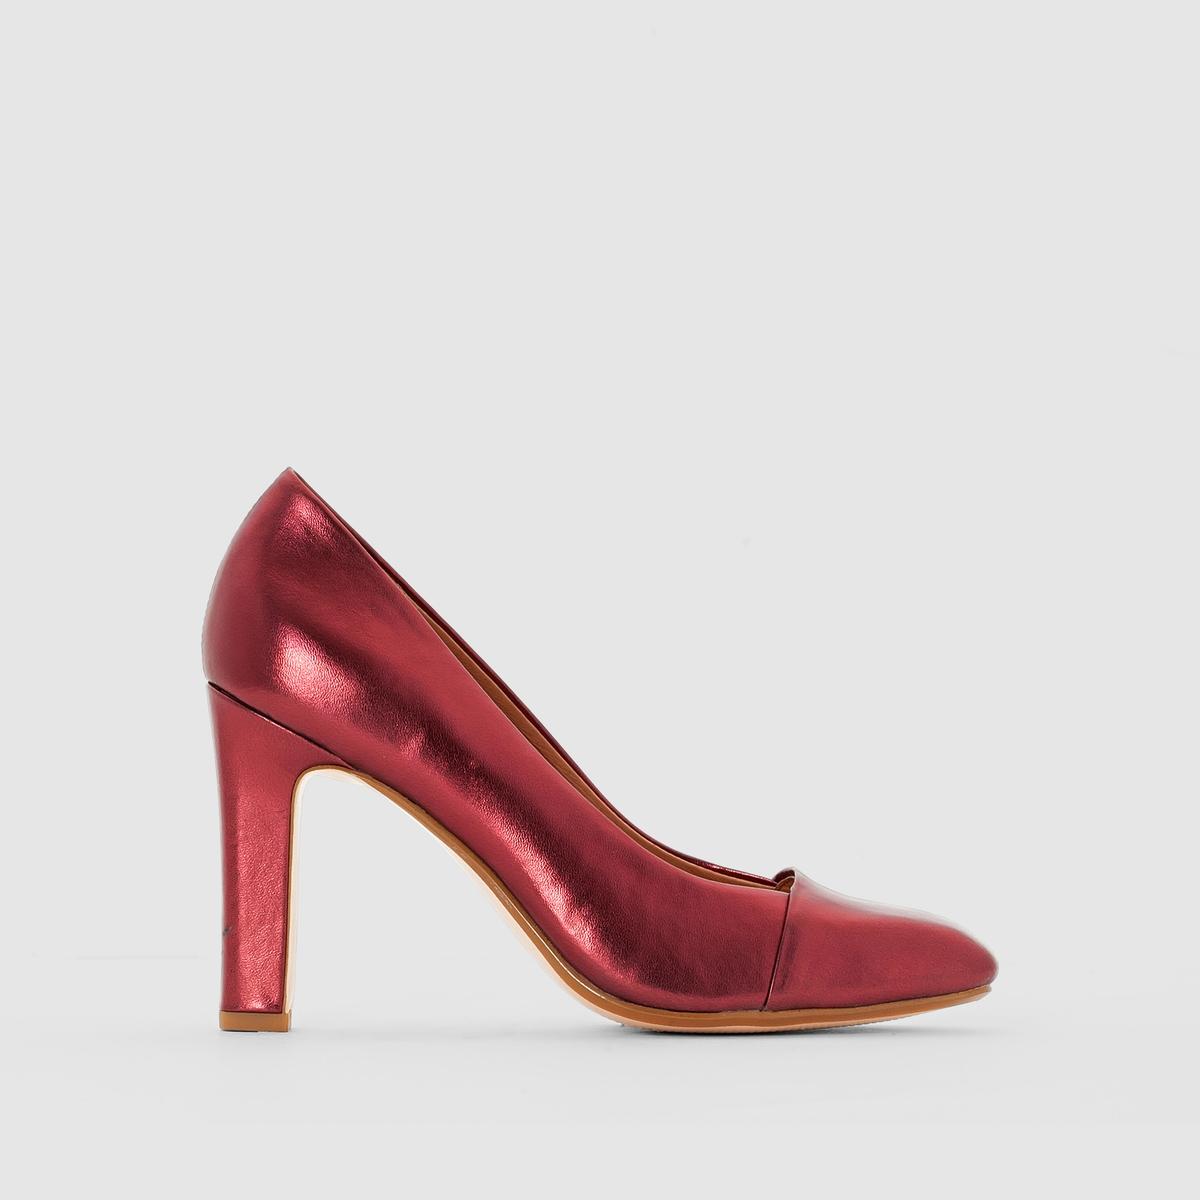 Туфли на высоком каблукеМарка : R studioВерх : синтетикаПодкладка : кожаСтелька : кожаПодошва : эластомерКаблук : 9 смЗастежка : без застежки<br><br>Цвет: бордовый,черный<br>Размер: 36.39